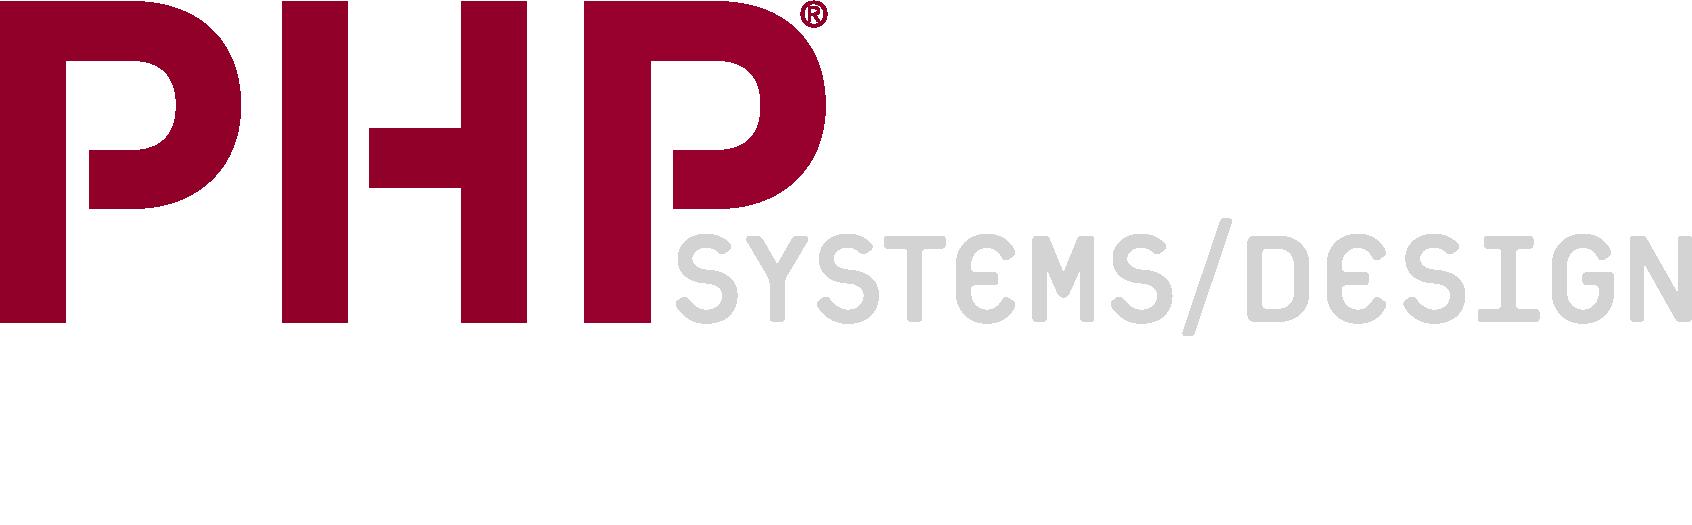 php-logo-1.png